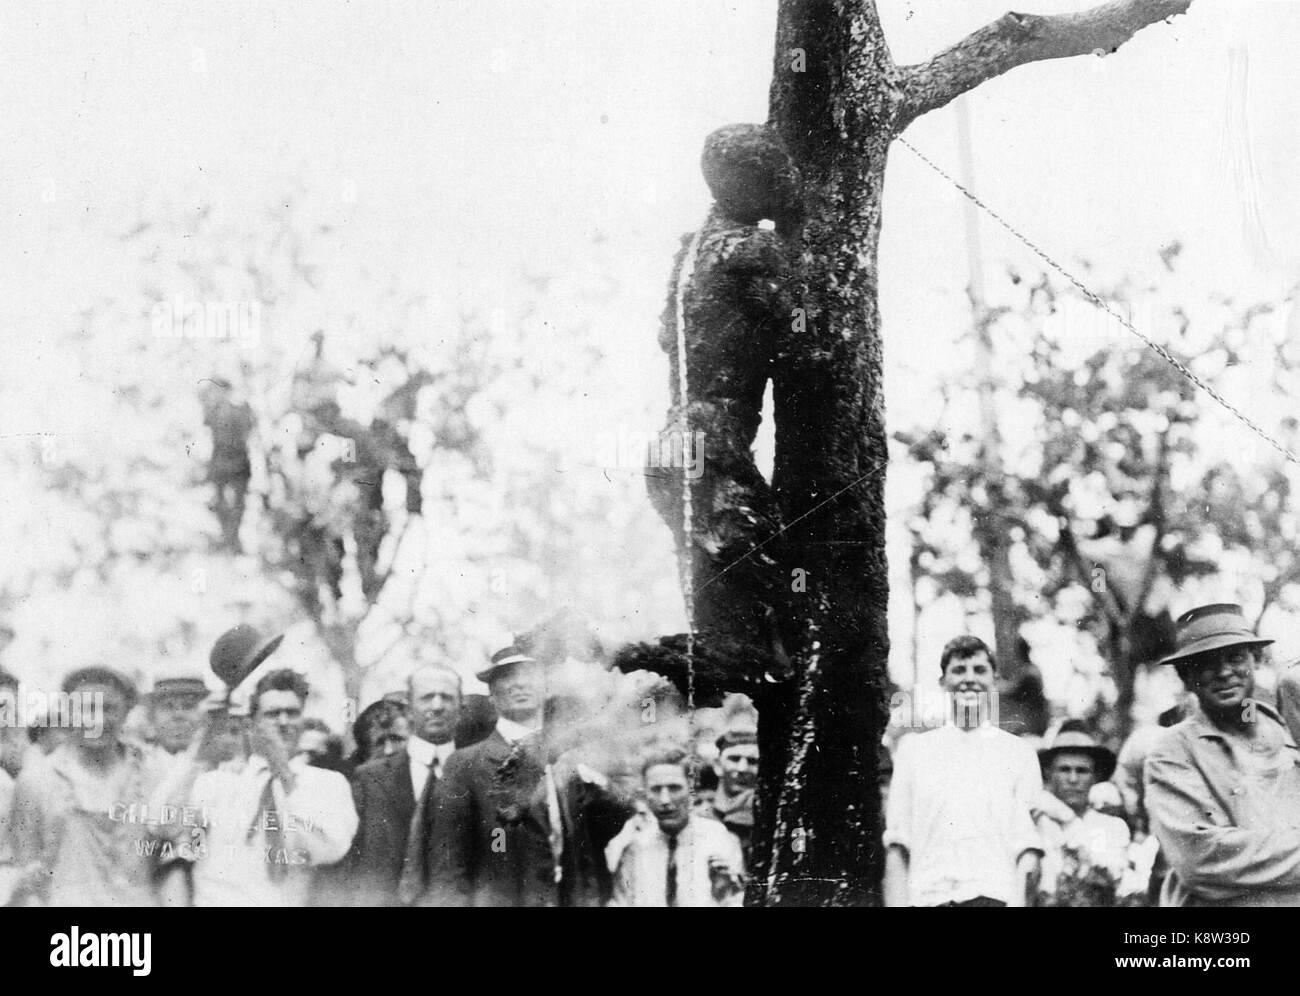 Jesse washington foule regardant le corps brûlé de la 18 ans afro-american après sa torture et de Photo Stock